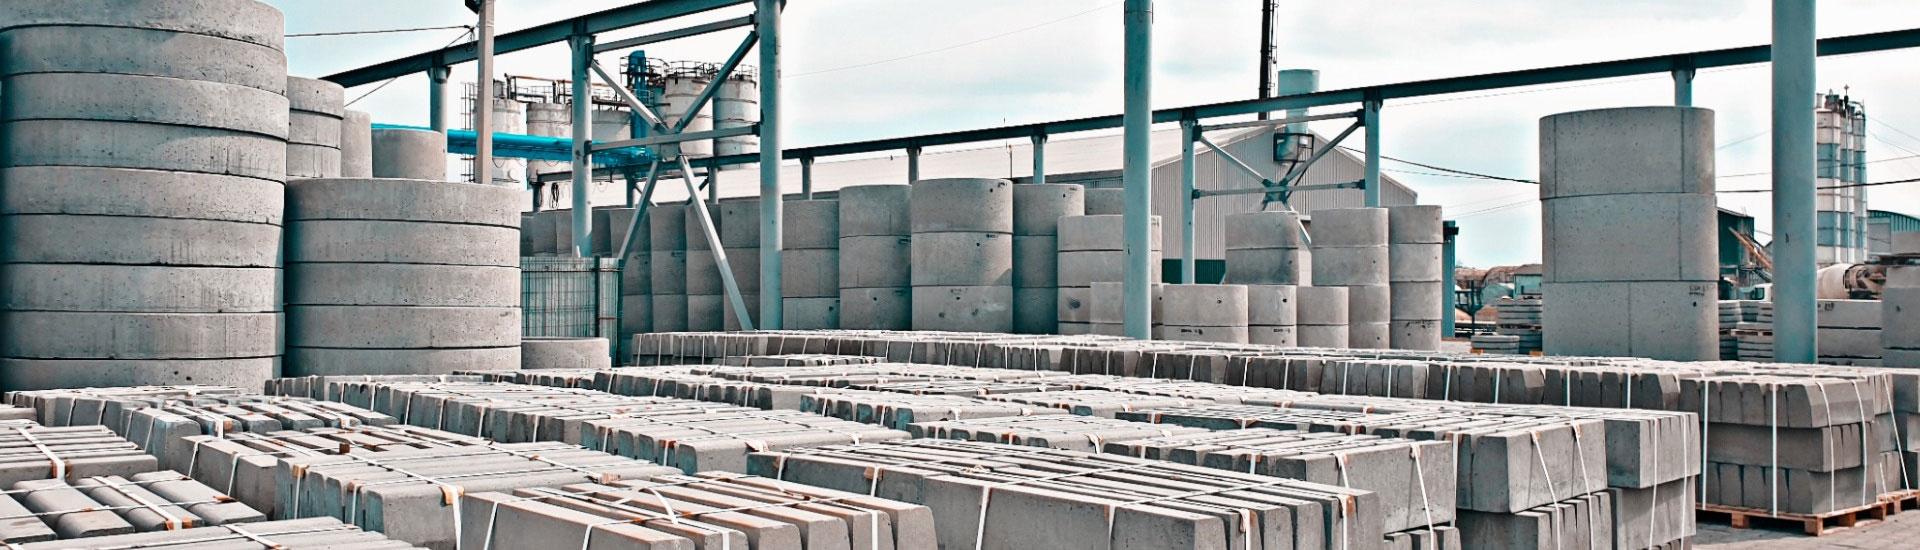 Заводы по производству бетона в нижегородской области можно класть газобетон на цементный раствор